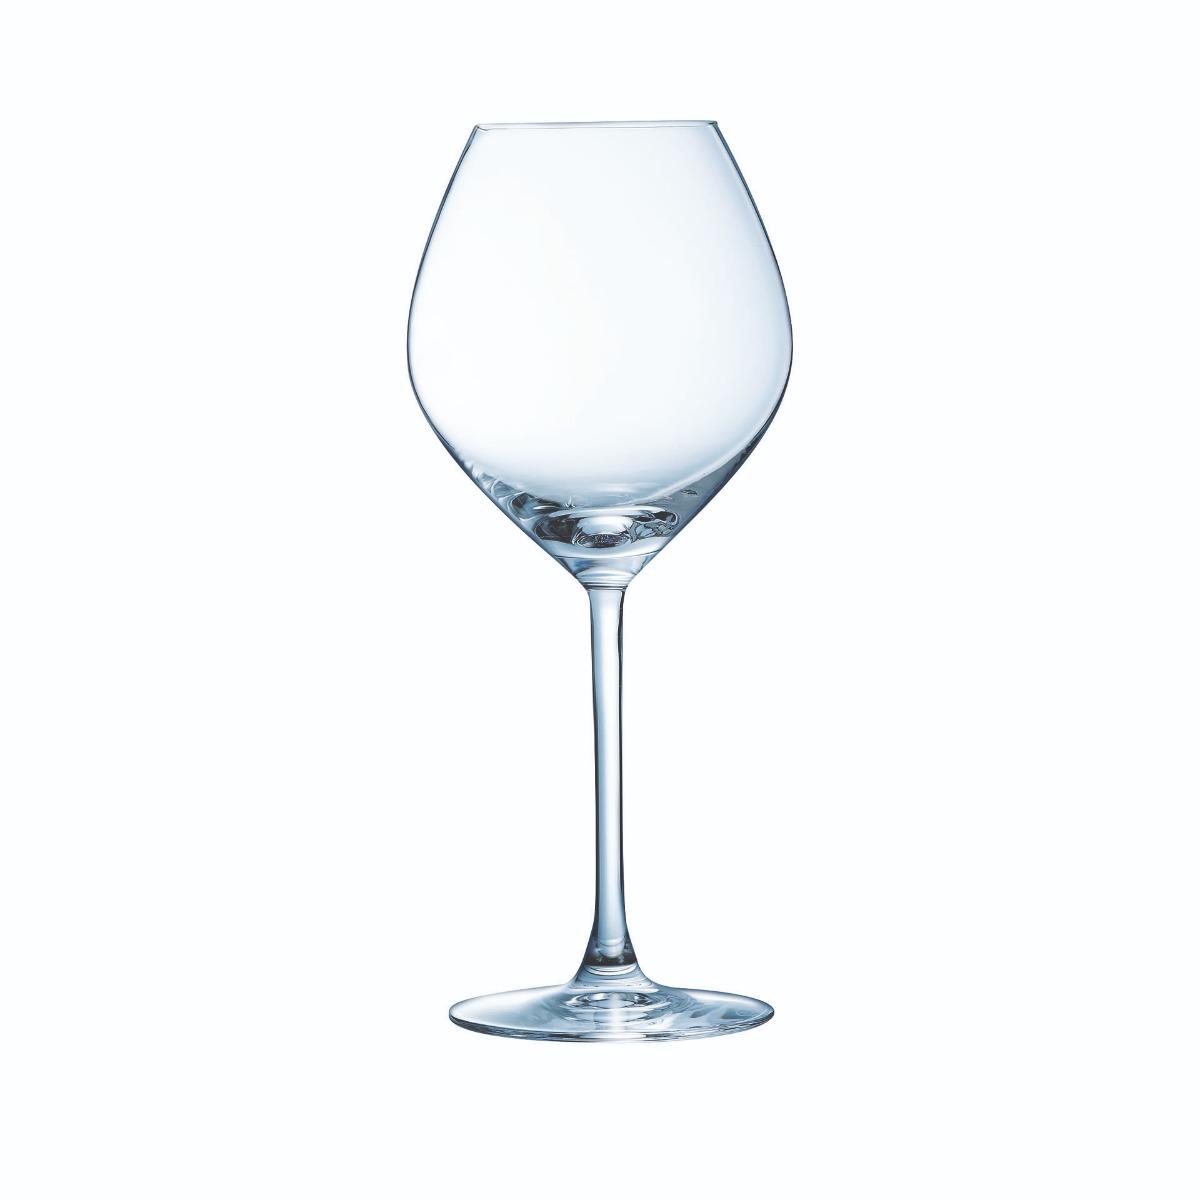 Verres à vin 47cl - Lot de 6